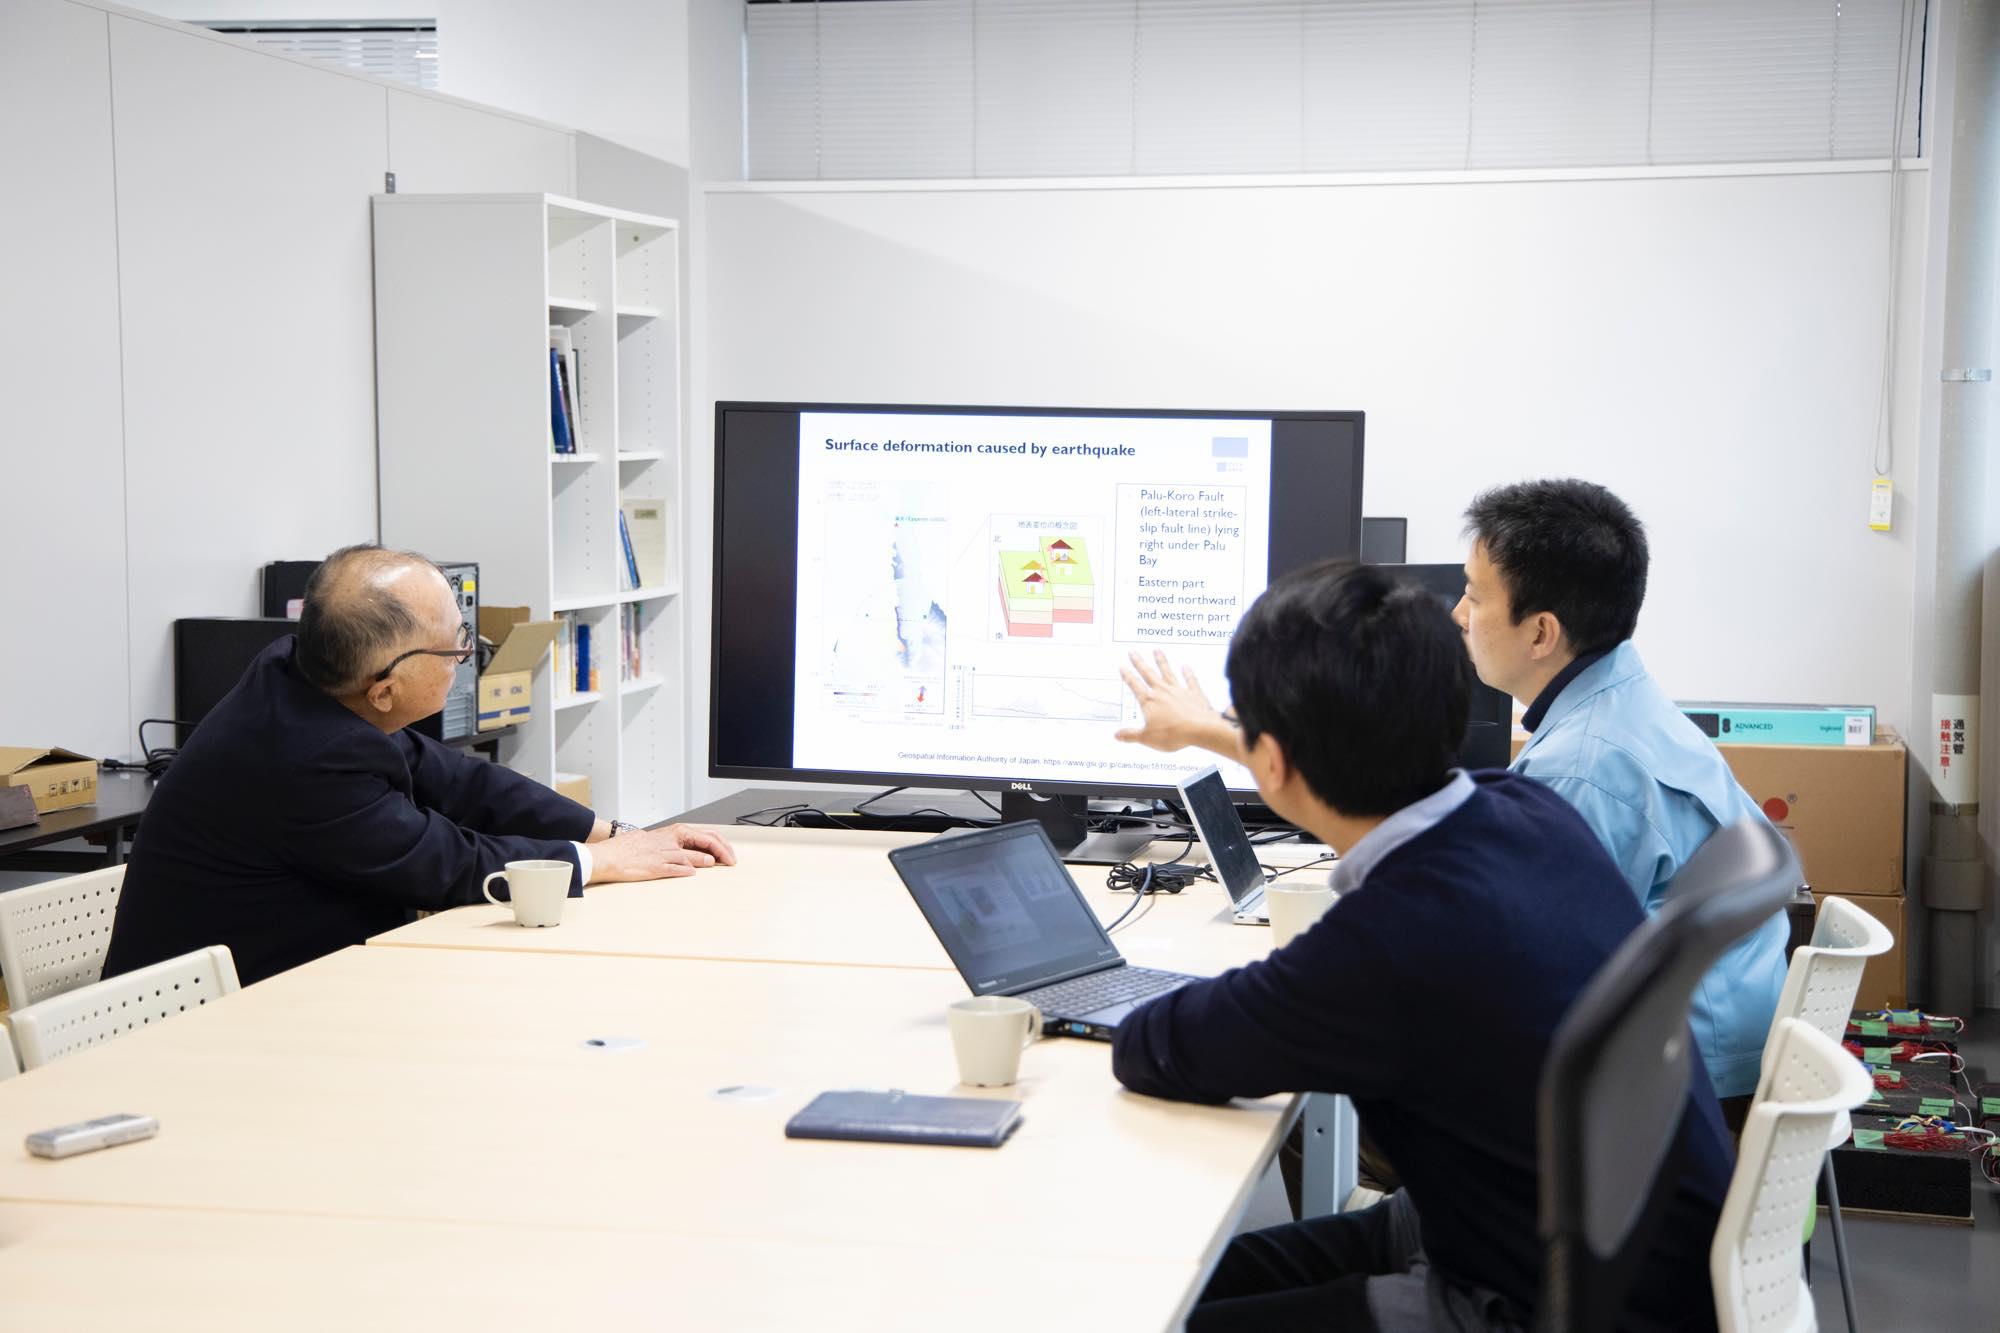 未来都市研究機構インフラ領域座談会